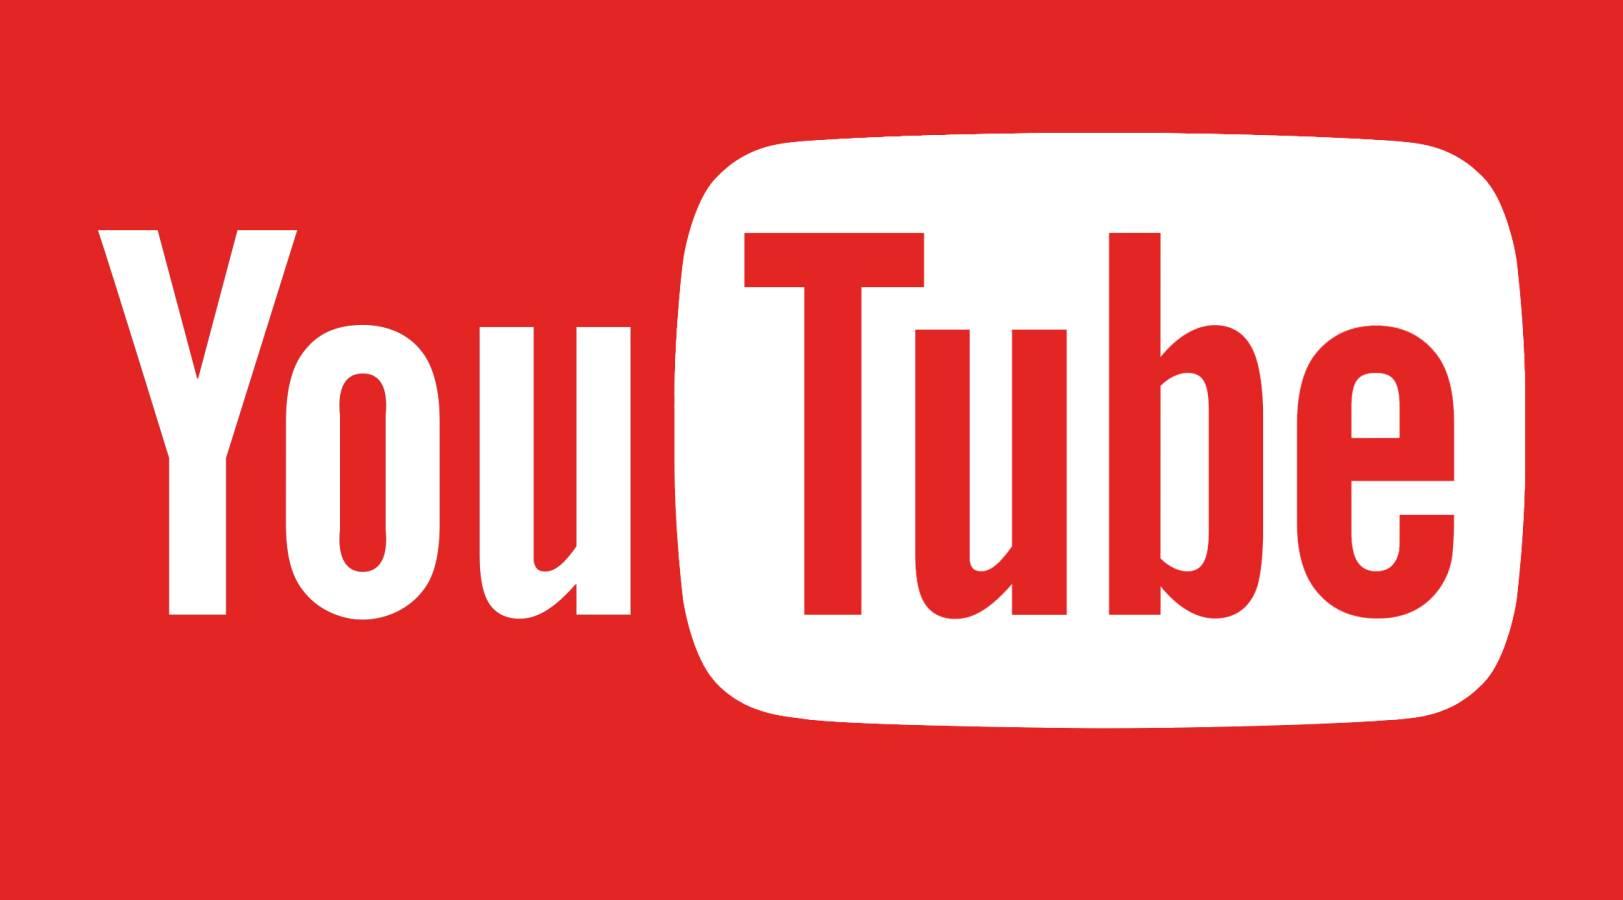 YouTube Actualizarea cu Noutati pentru Telefoane si Tablete